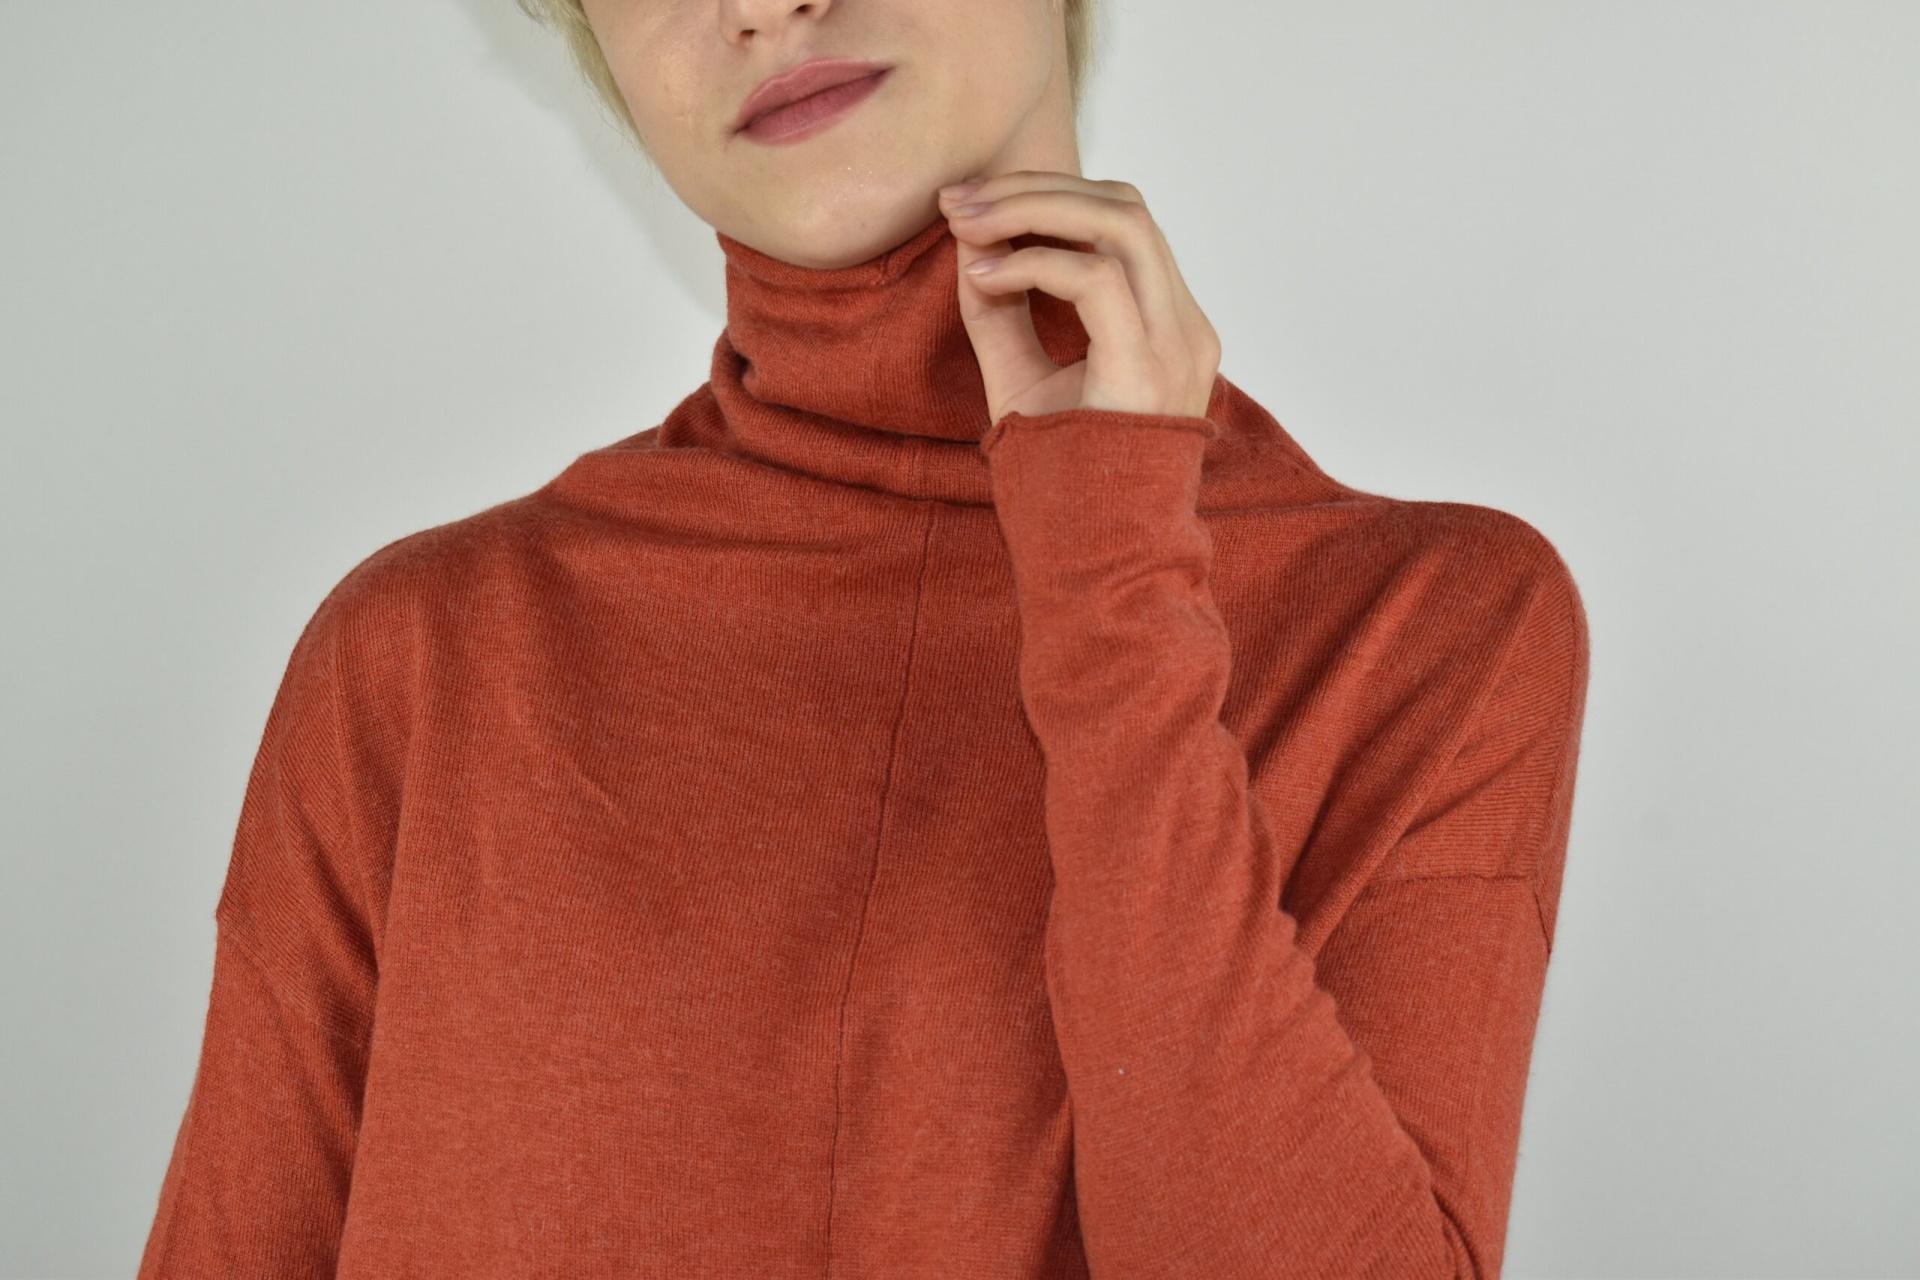 GIADA BRUCIATO MAGLIA DONNA CASHMERE SETA COLLO ALTO MANICA LUNGA 2 1stAmerican maglia dolcevita collo alto da donna in seta cashmere - maglione manica lunga invernale finezza 14